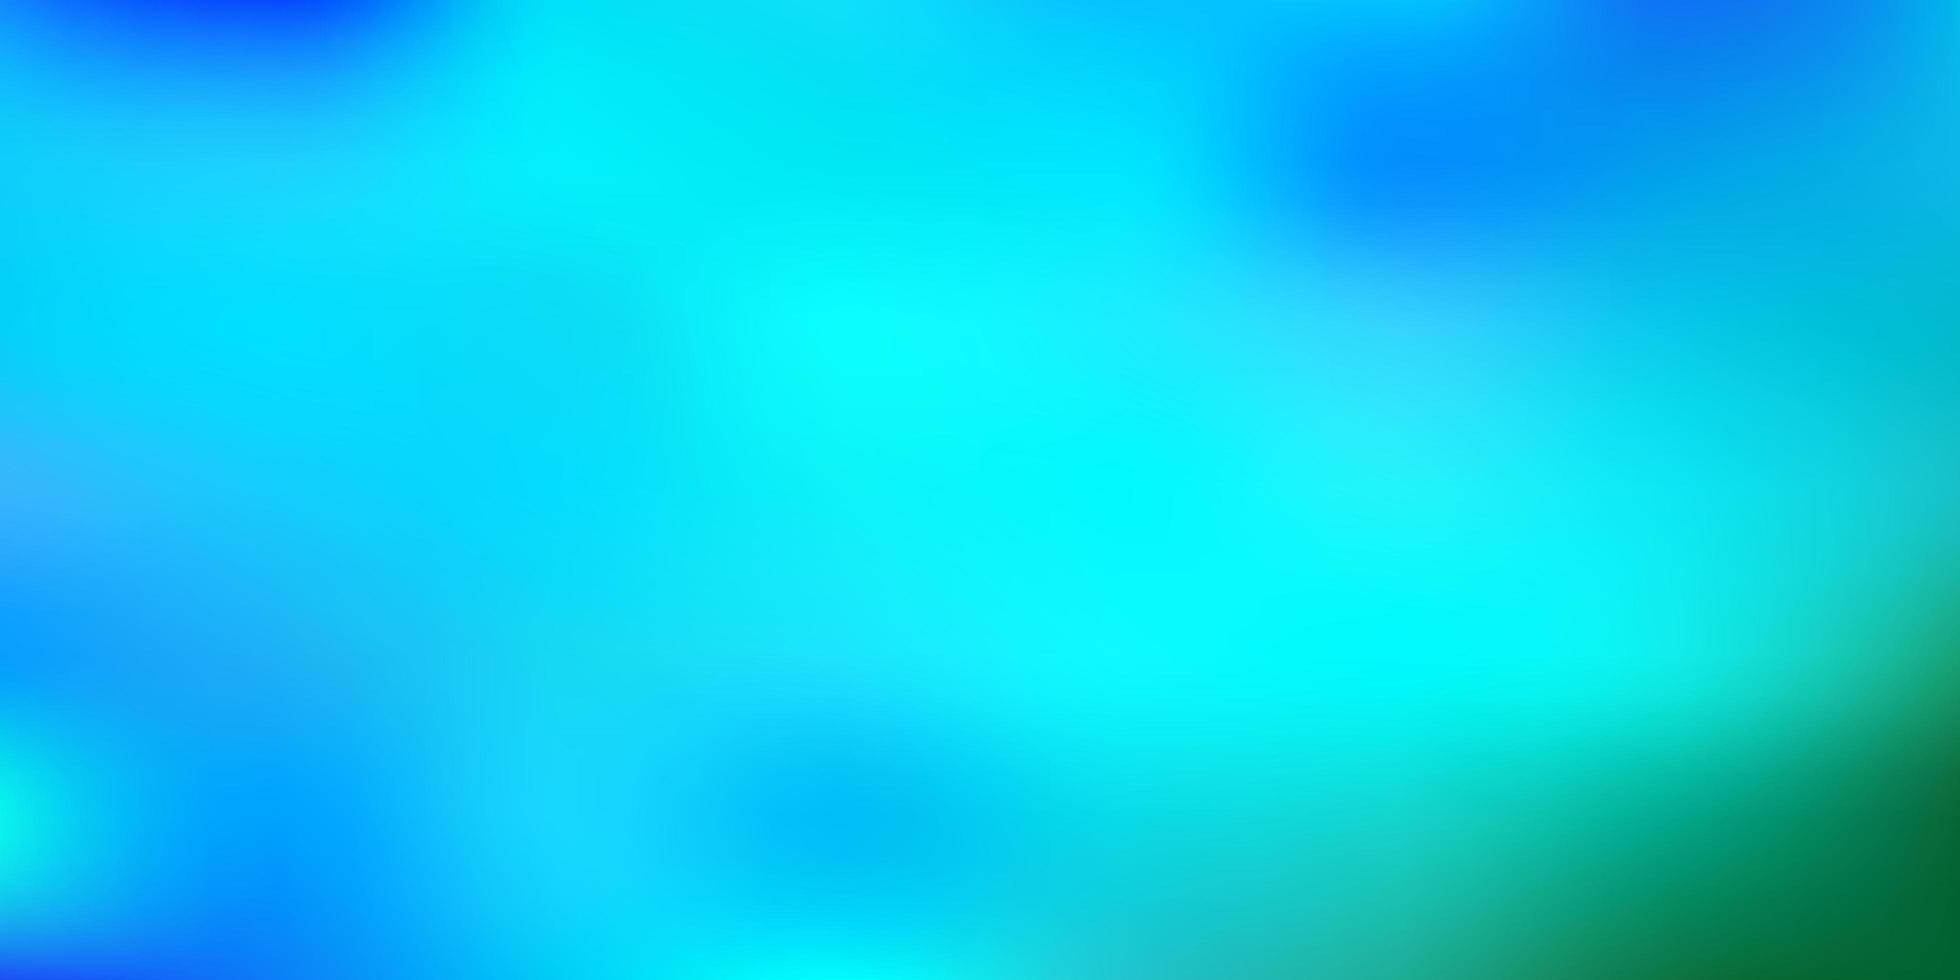 ljusblå, grön vektor gradient oskärpa layout.